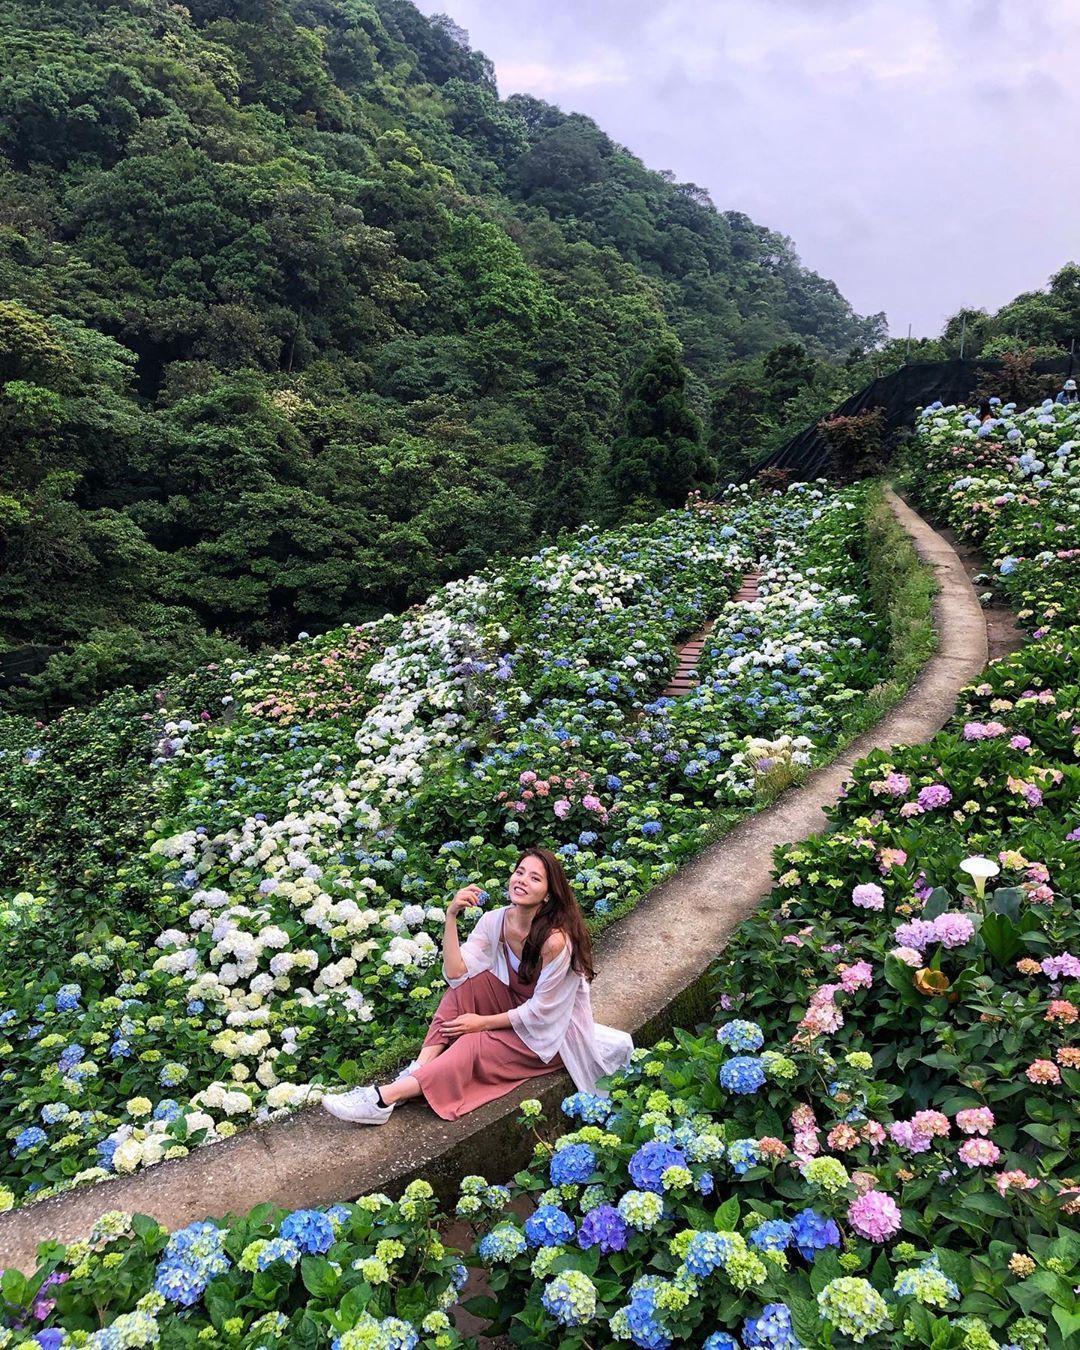 大梯田花卉生態農園@candiepard